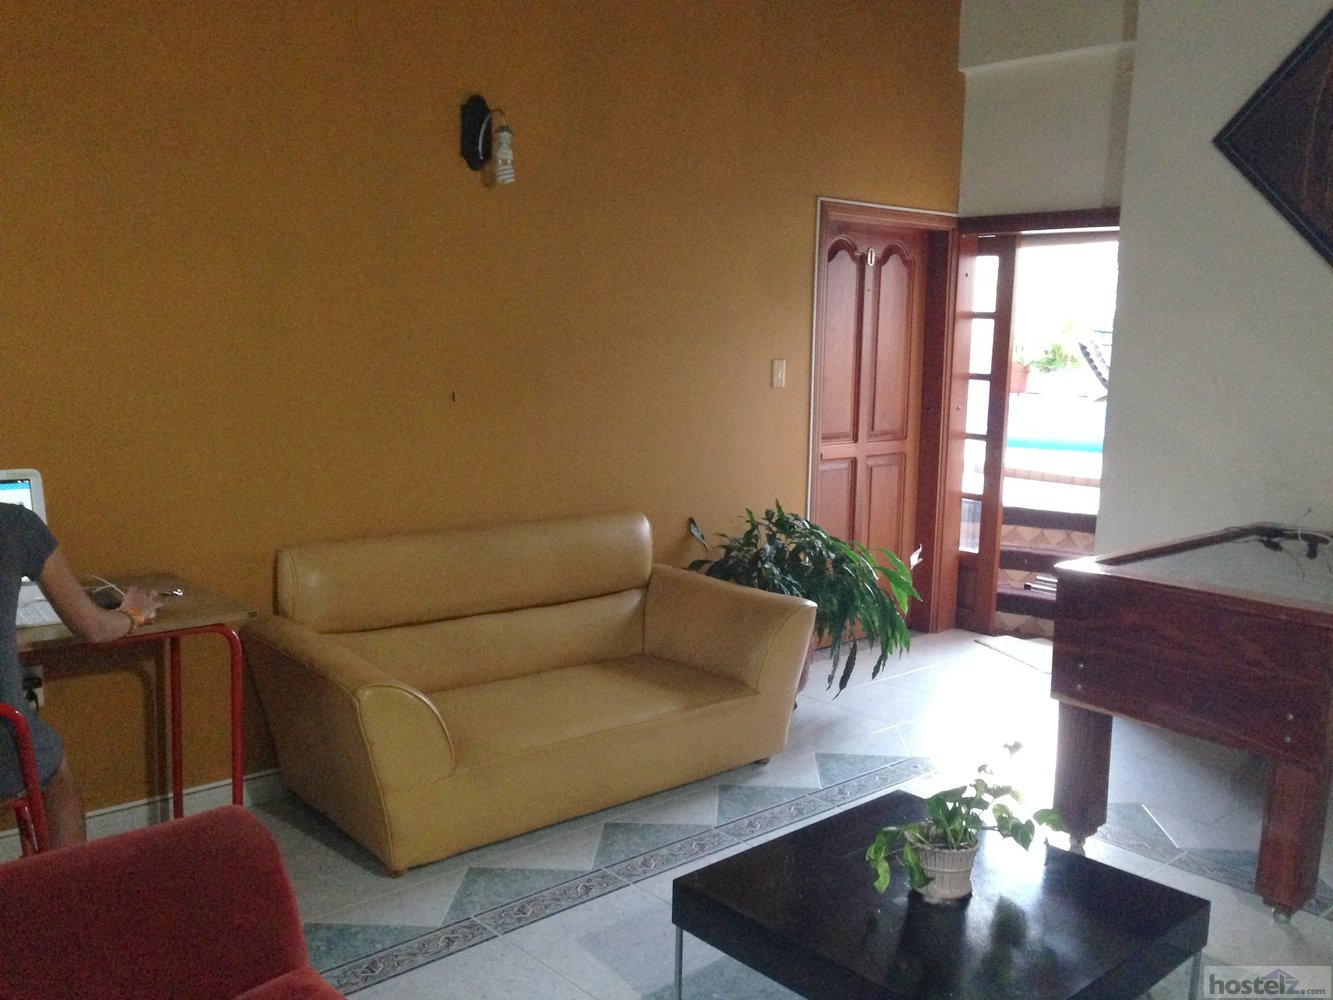 Sam U0026 39 S Vip Hostel San Gil